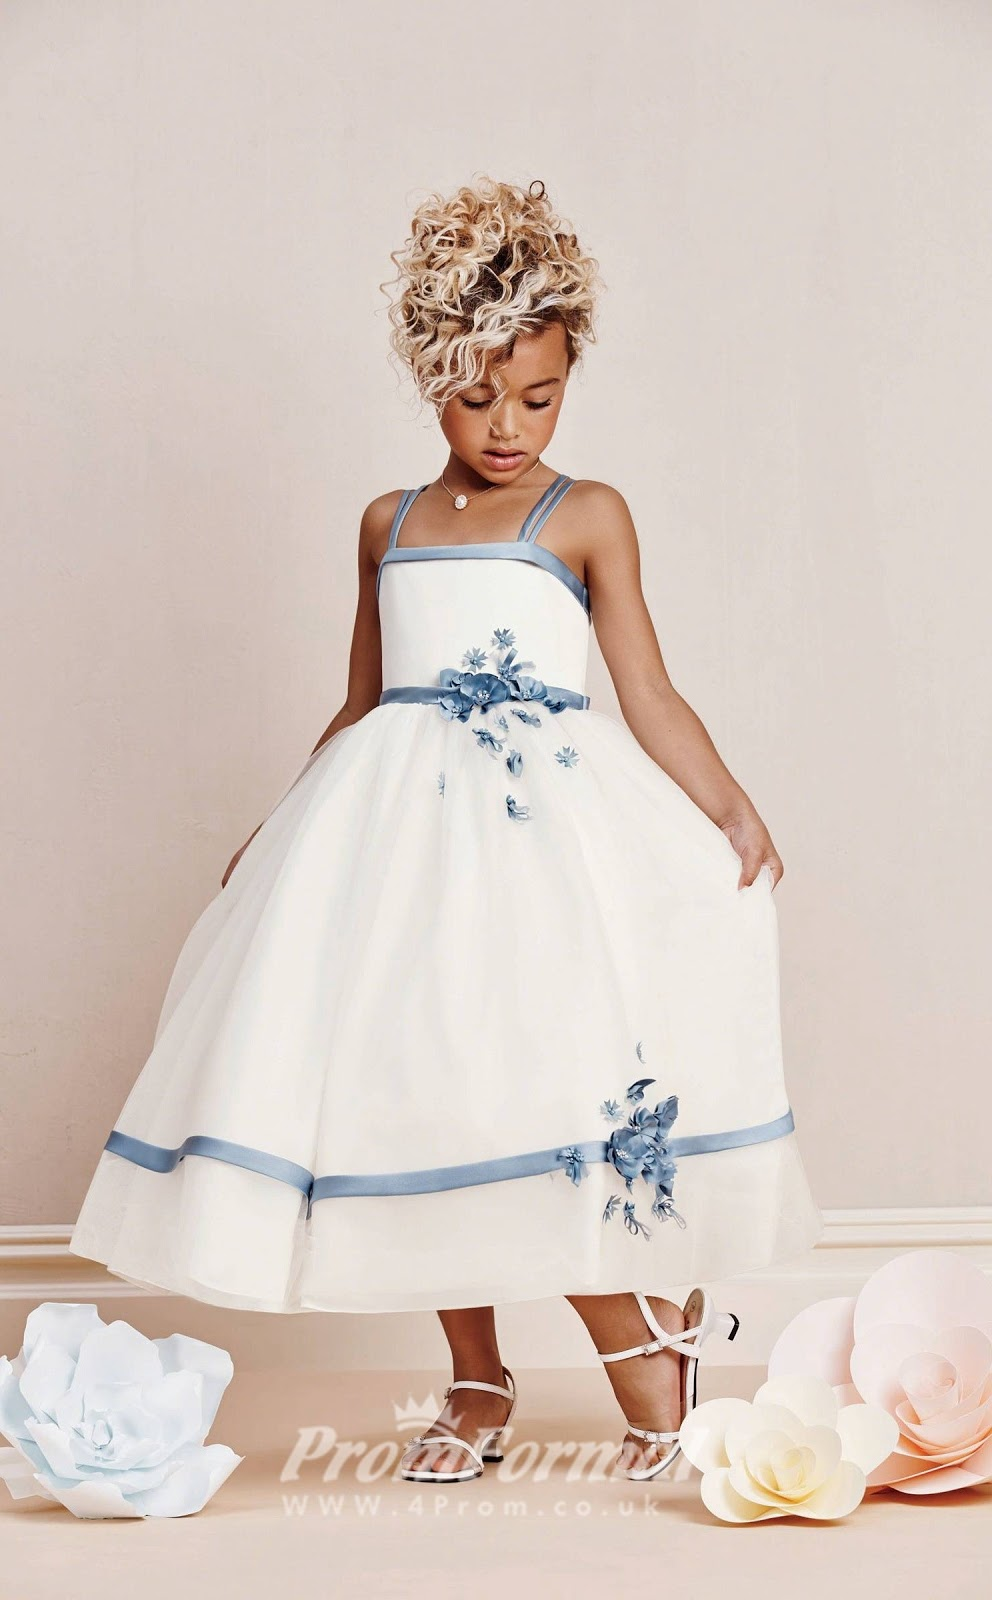 8445990b518c Un abitino dalle linee semplici di un candido color bianco latte con  dettagli di un luminoso color azzurro che alla sottoscritta ricorda molto  di più il ...